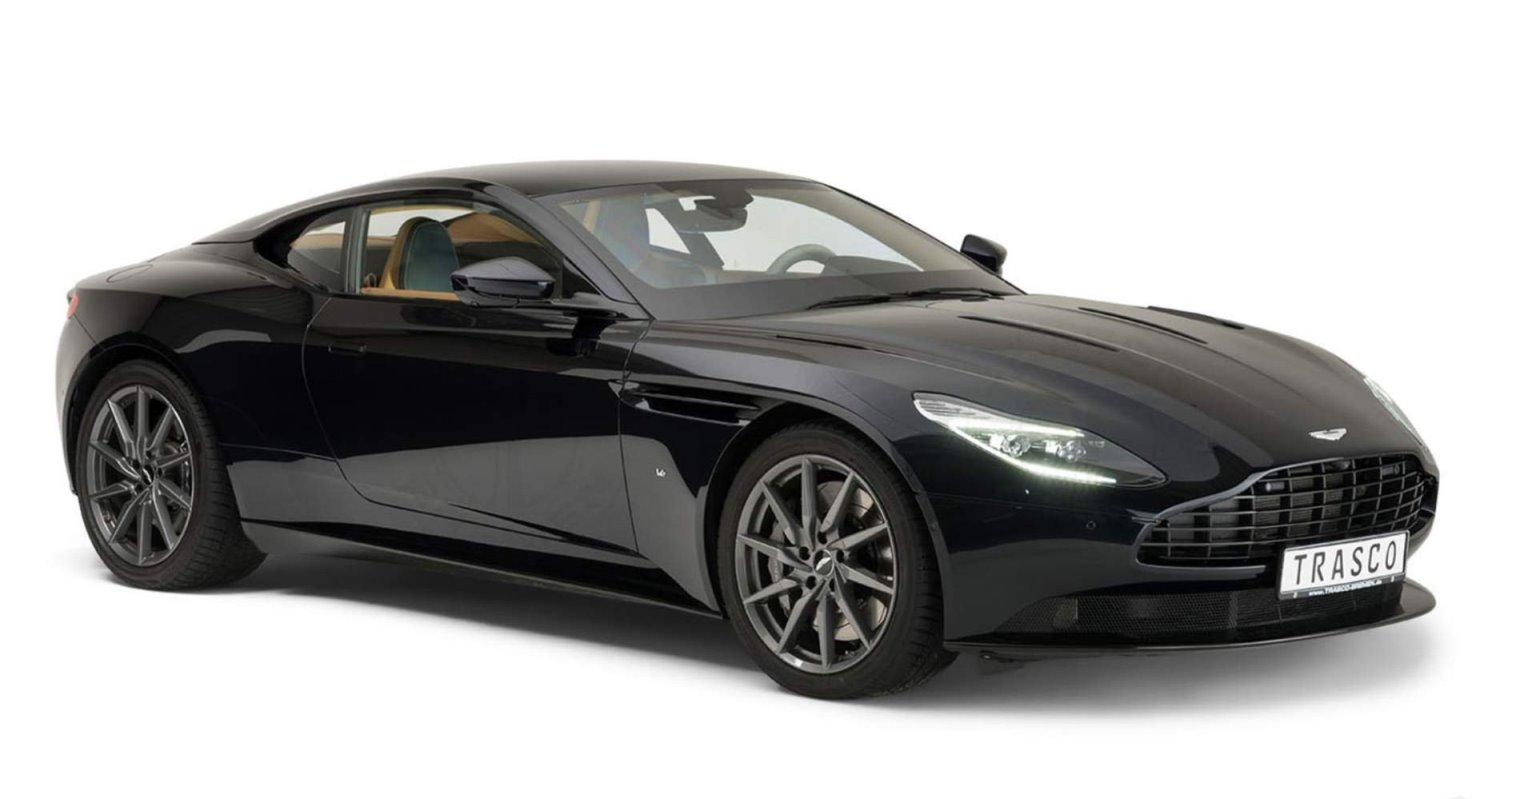 Немцы сделали купе Aston Martin DB11 пуленепробиваемым